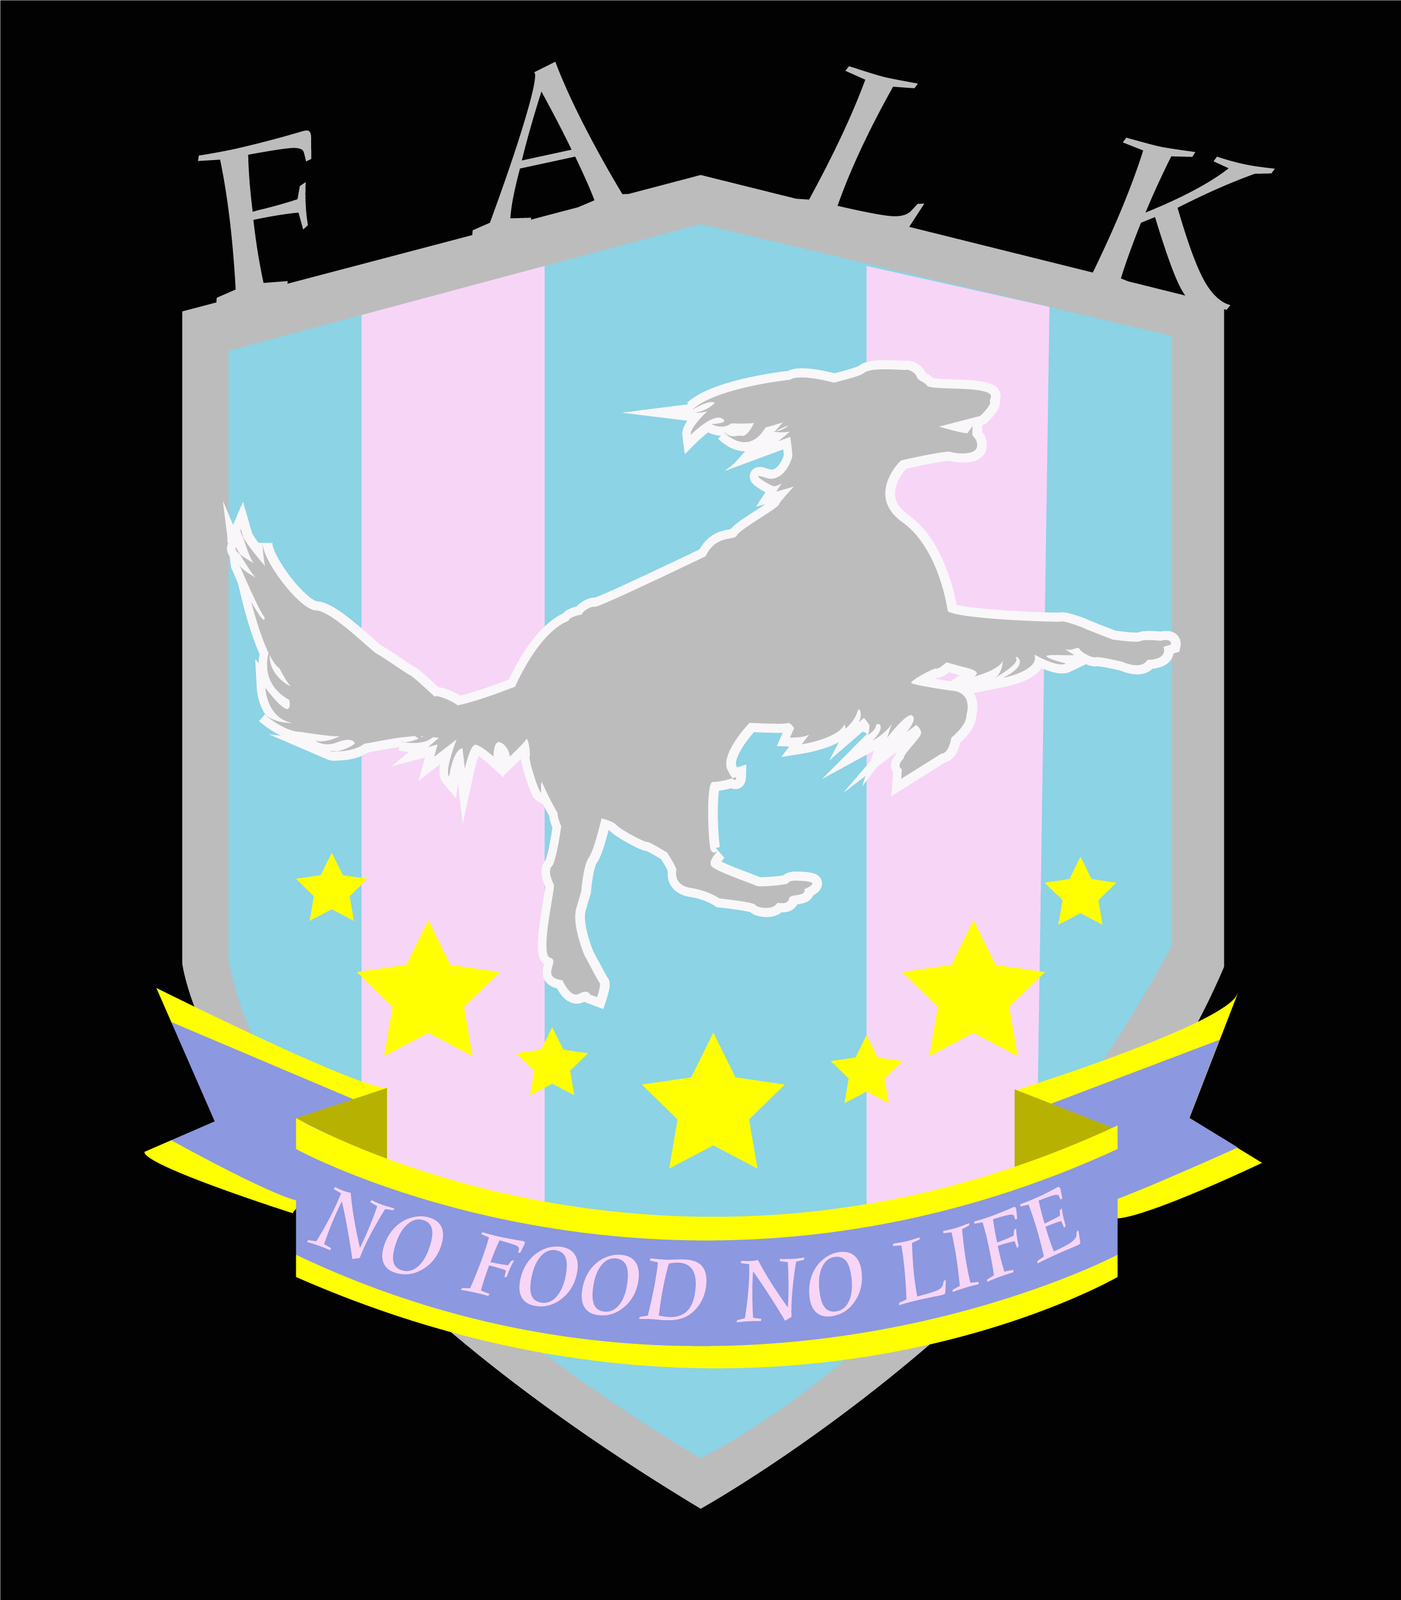 Falk5